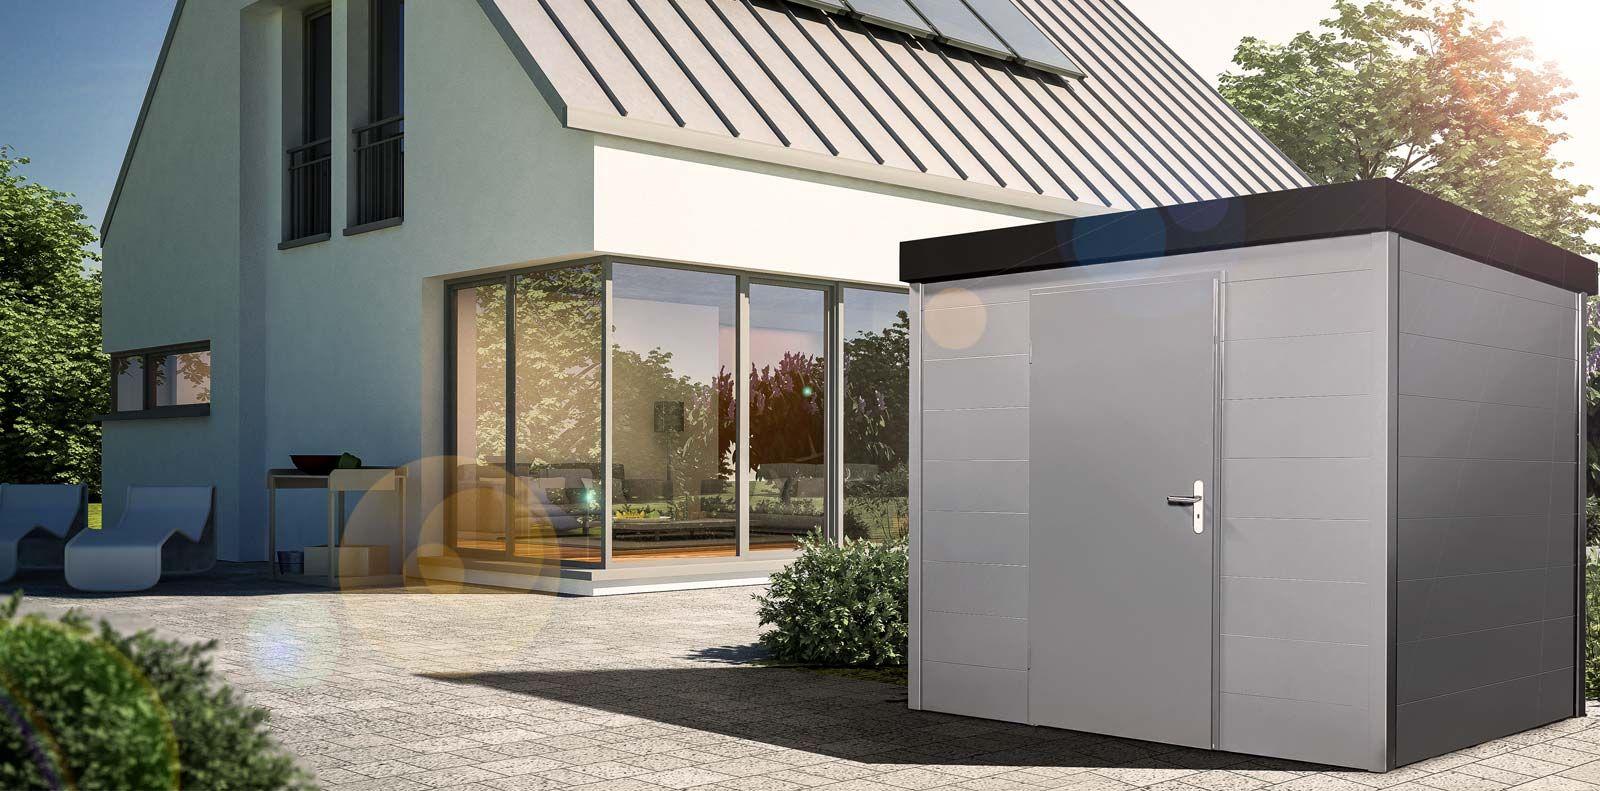 ger tehaus gartenhaus aus stahl mit waagerechten fugen farbe nach ral carport einhausungen. Black Bedroom Furniture Sets. Home Design Ideas